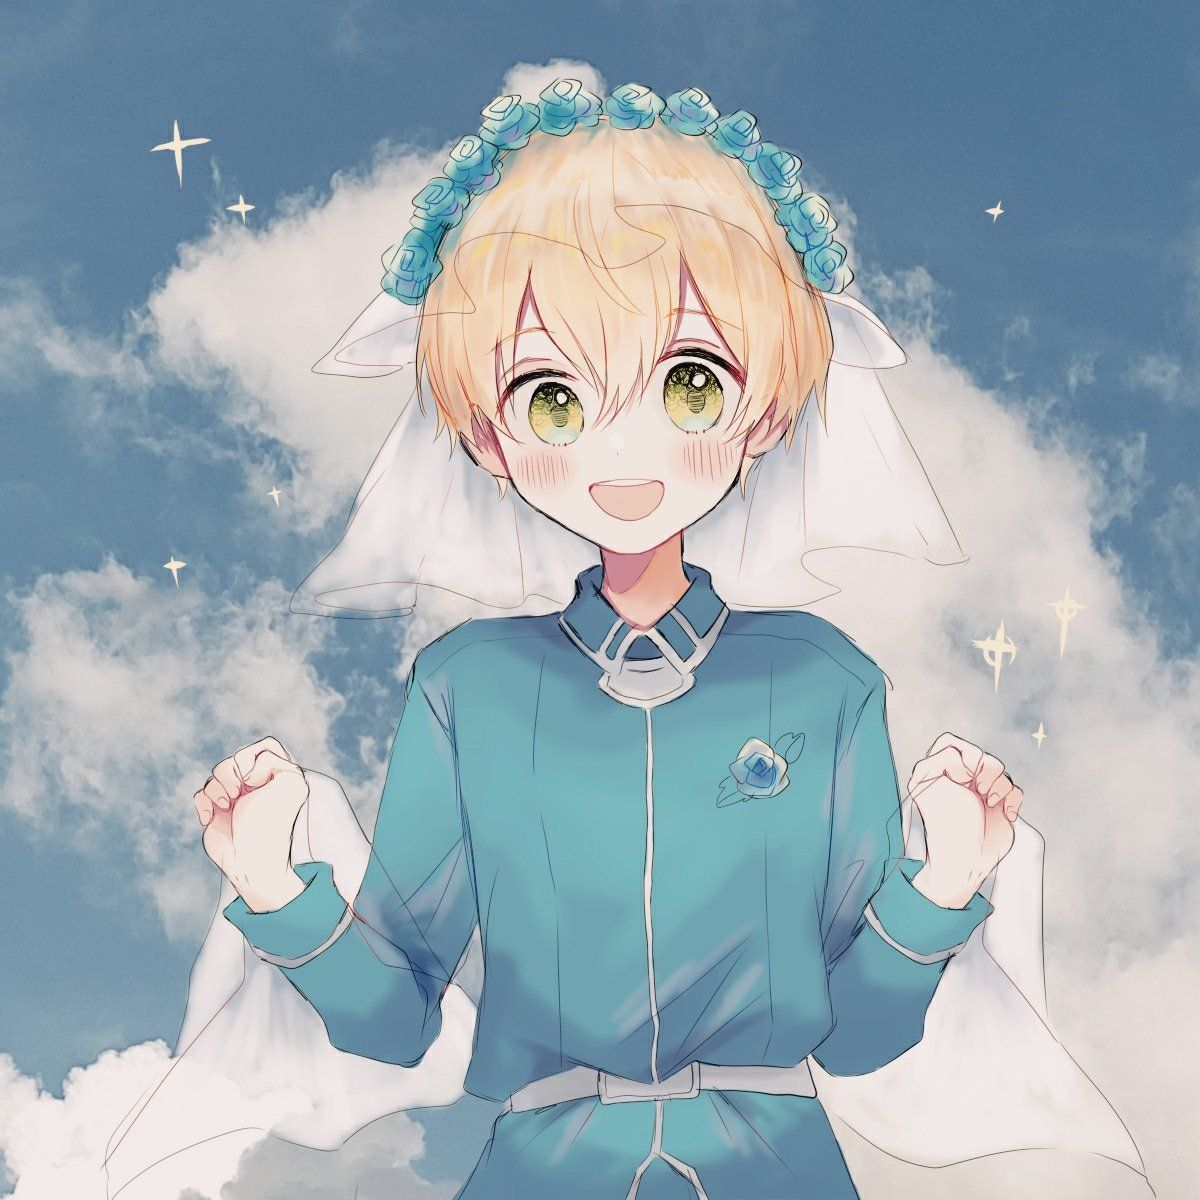 bibi on Twitter in 9  Anime art girl, Sword art online, Sword art